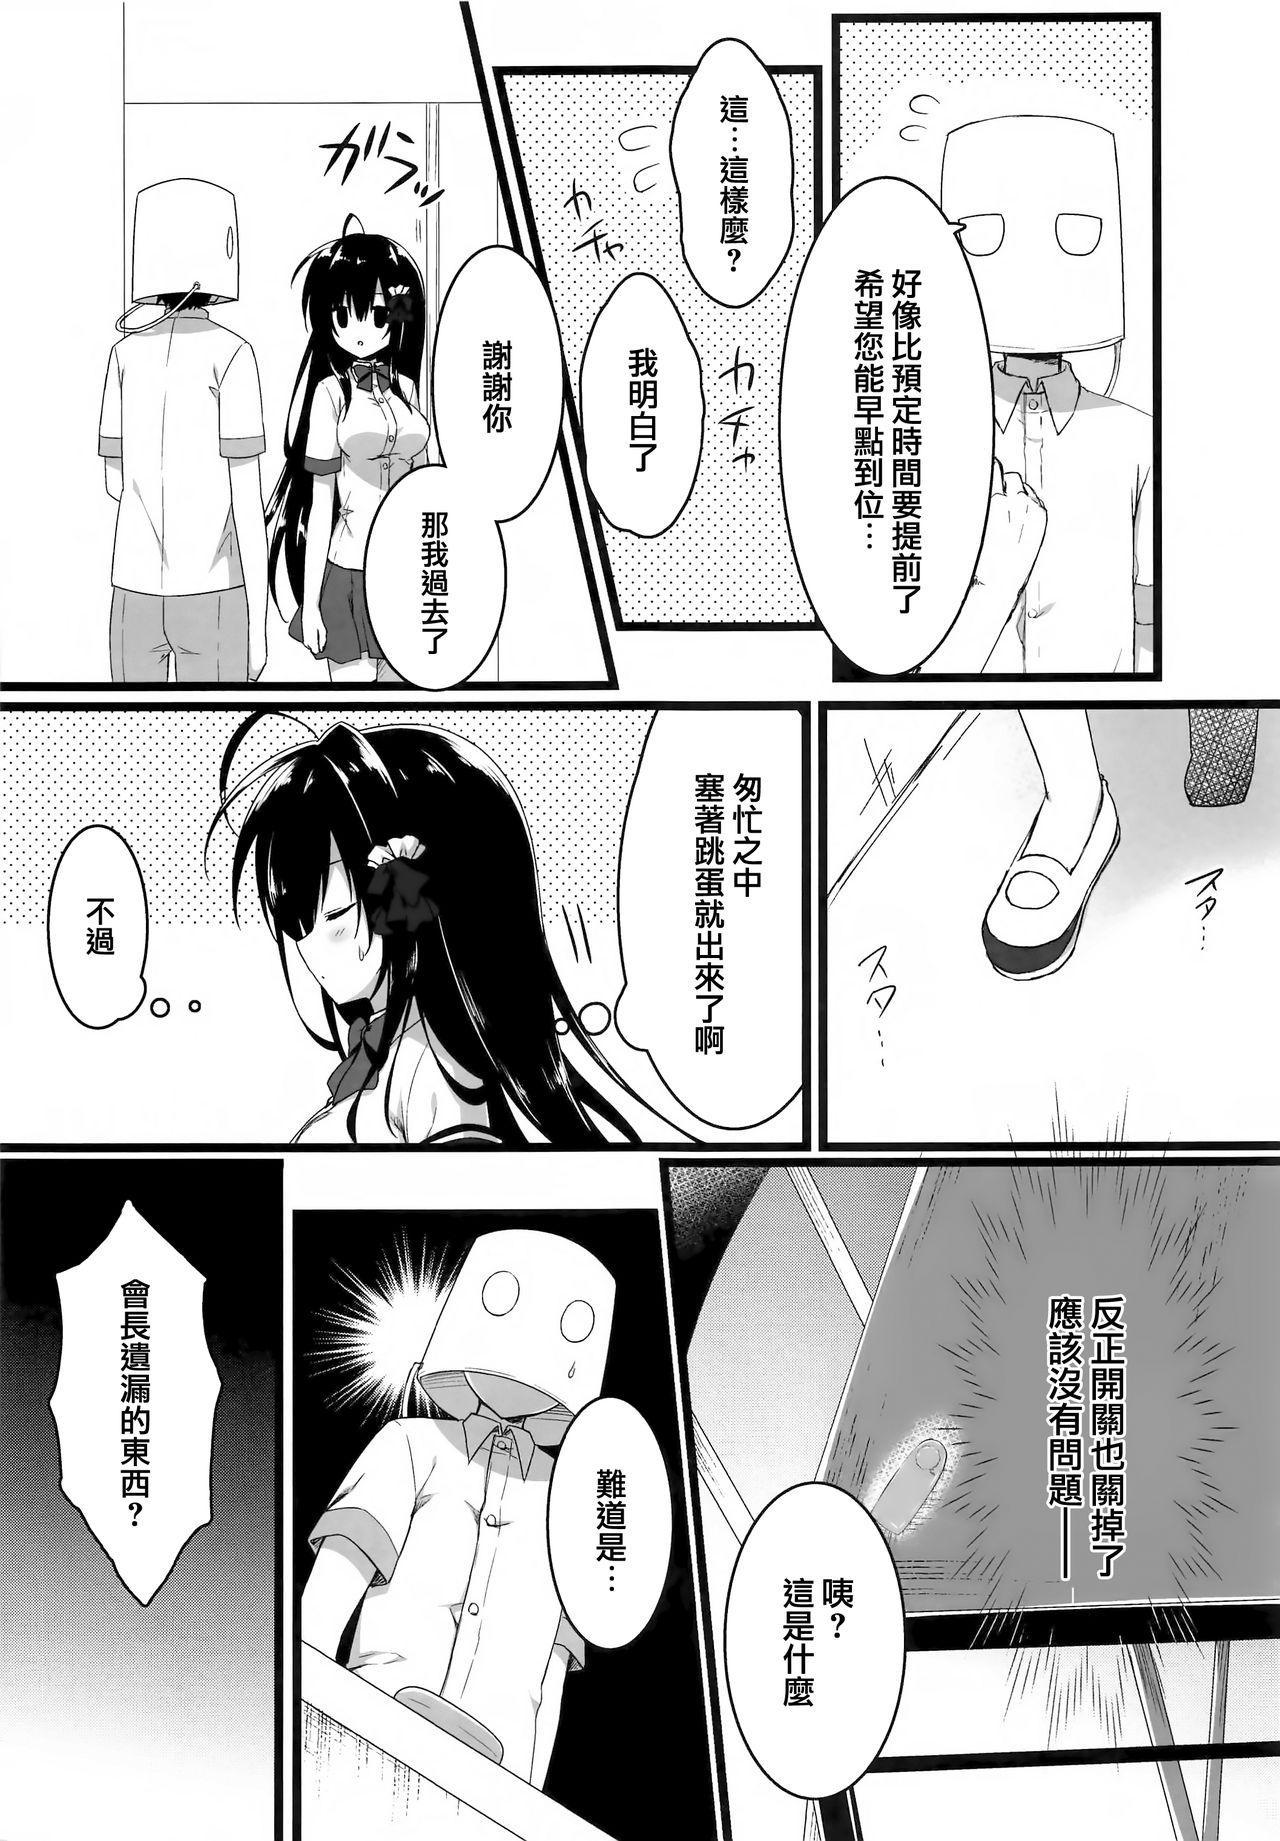 Kaichou, Zenkou Seito no Mae desu yo!? 6